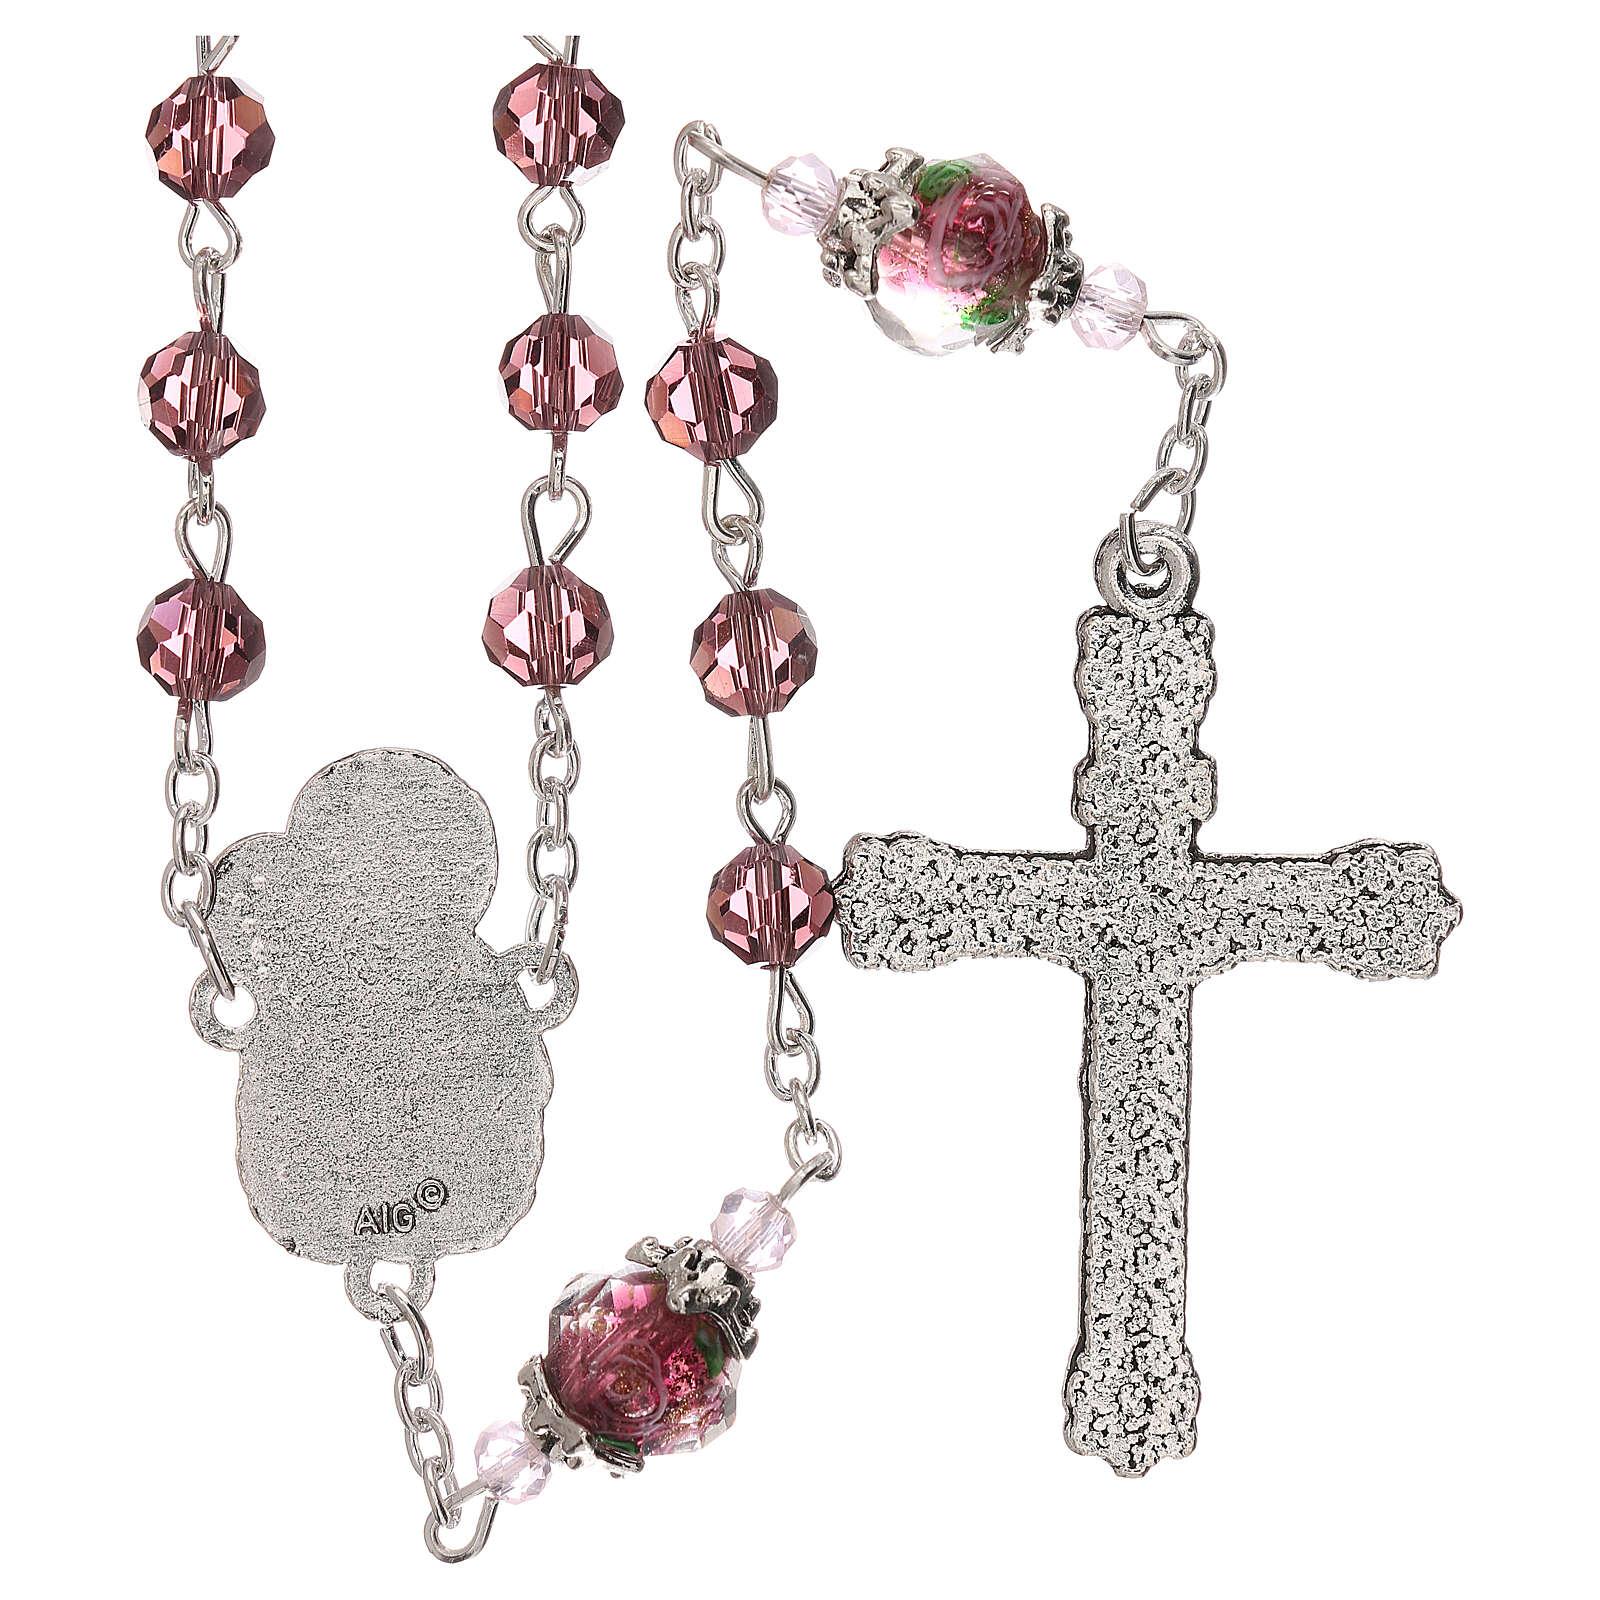 Rosario perla decorata Madonna Gesù bambino cristallo marrone 3 mm 4